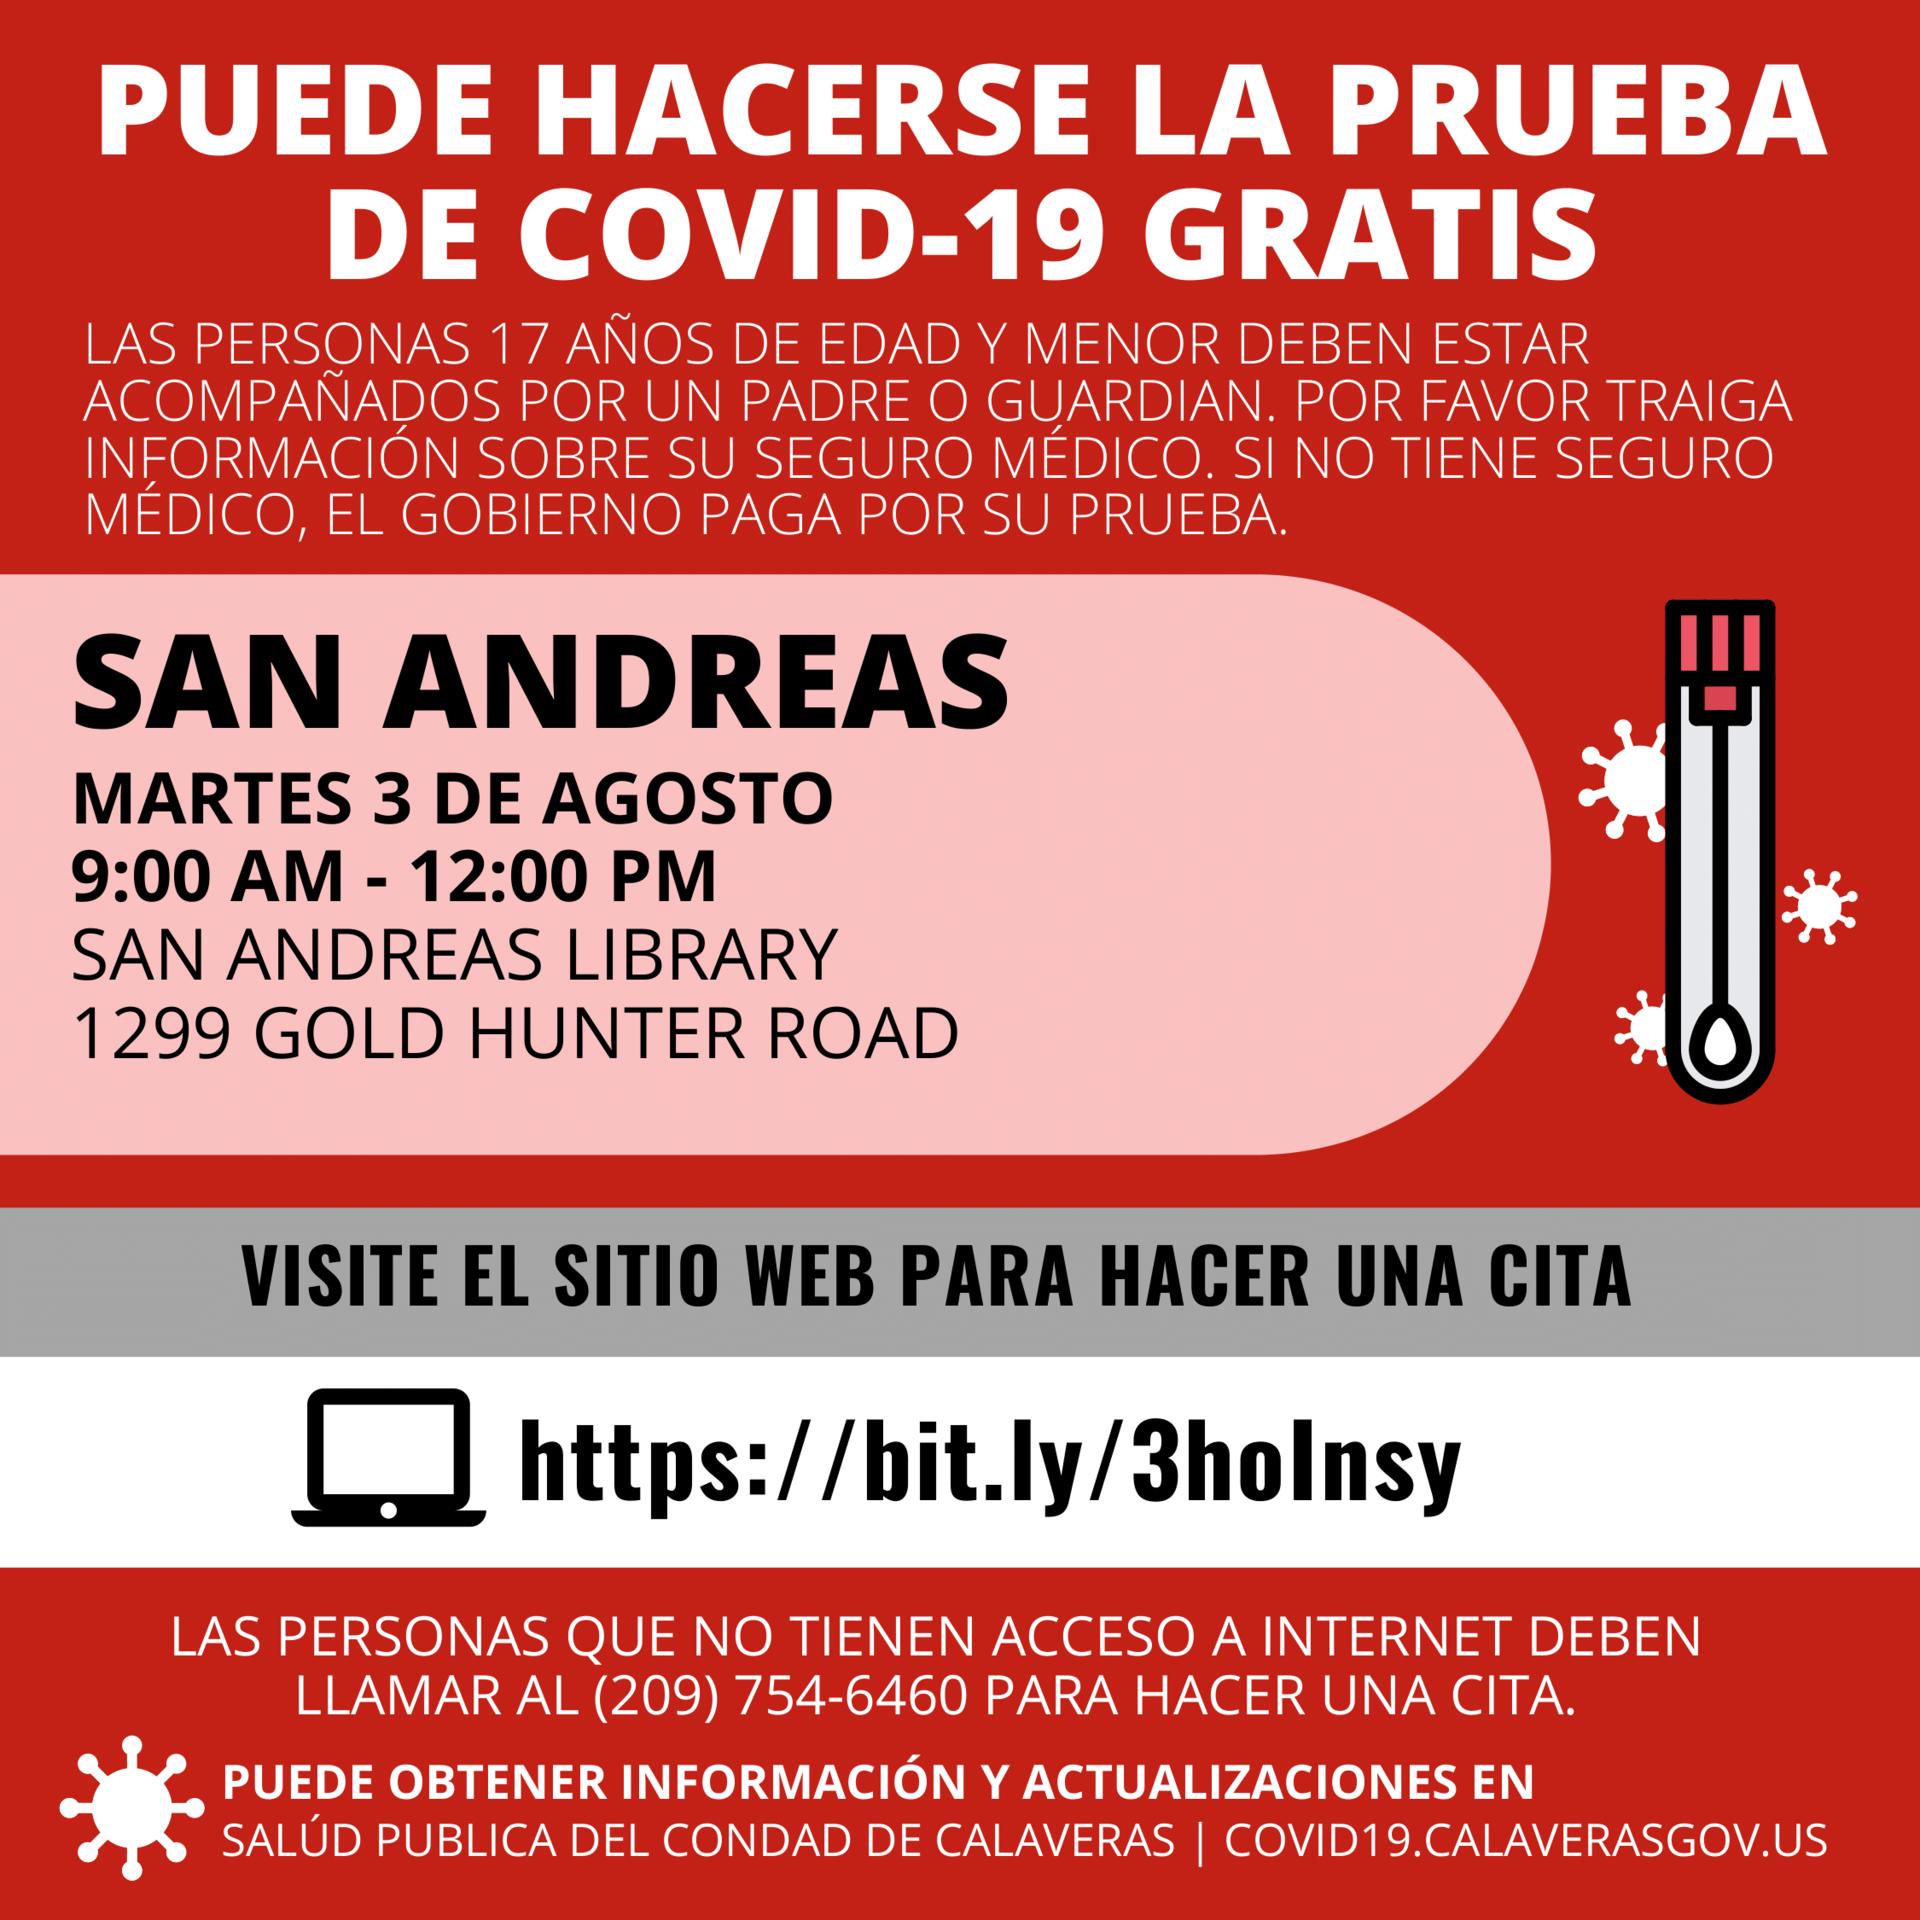 COVID testing info in spanish